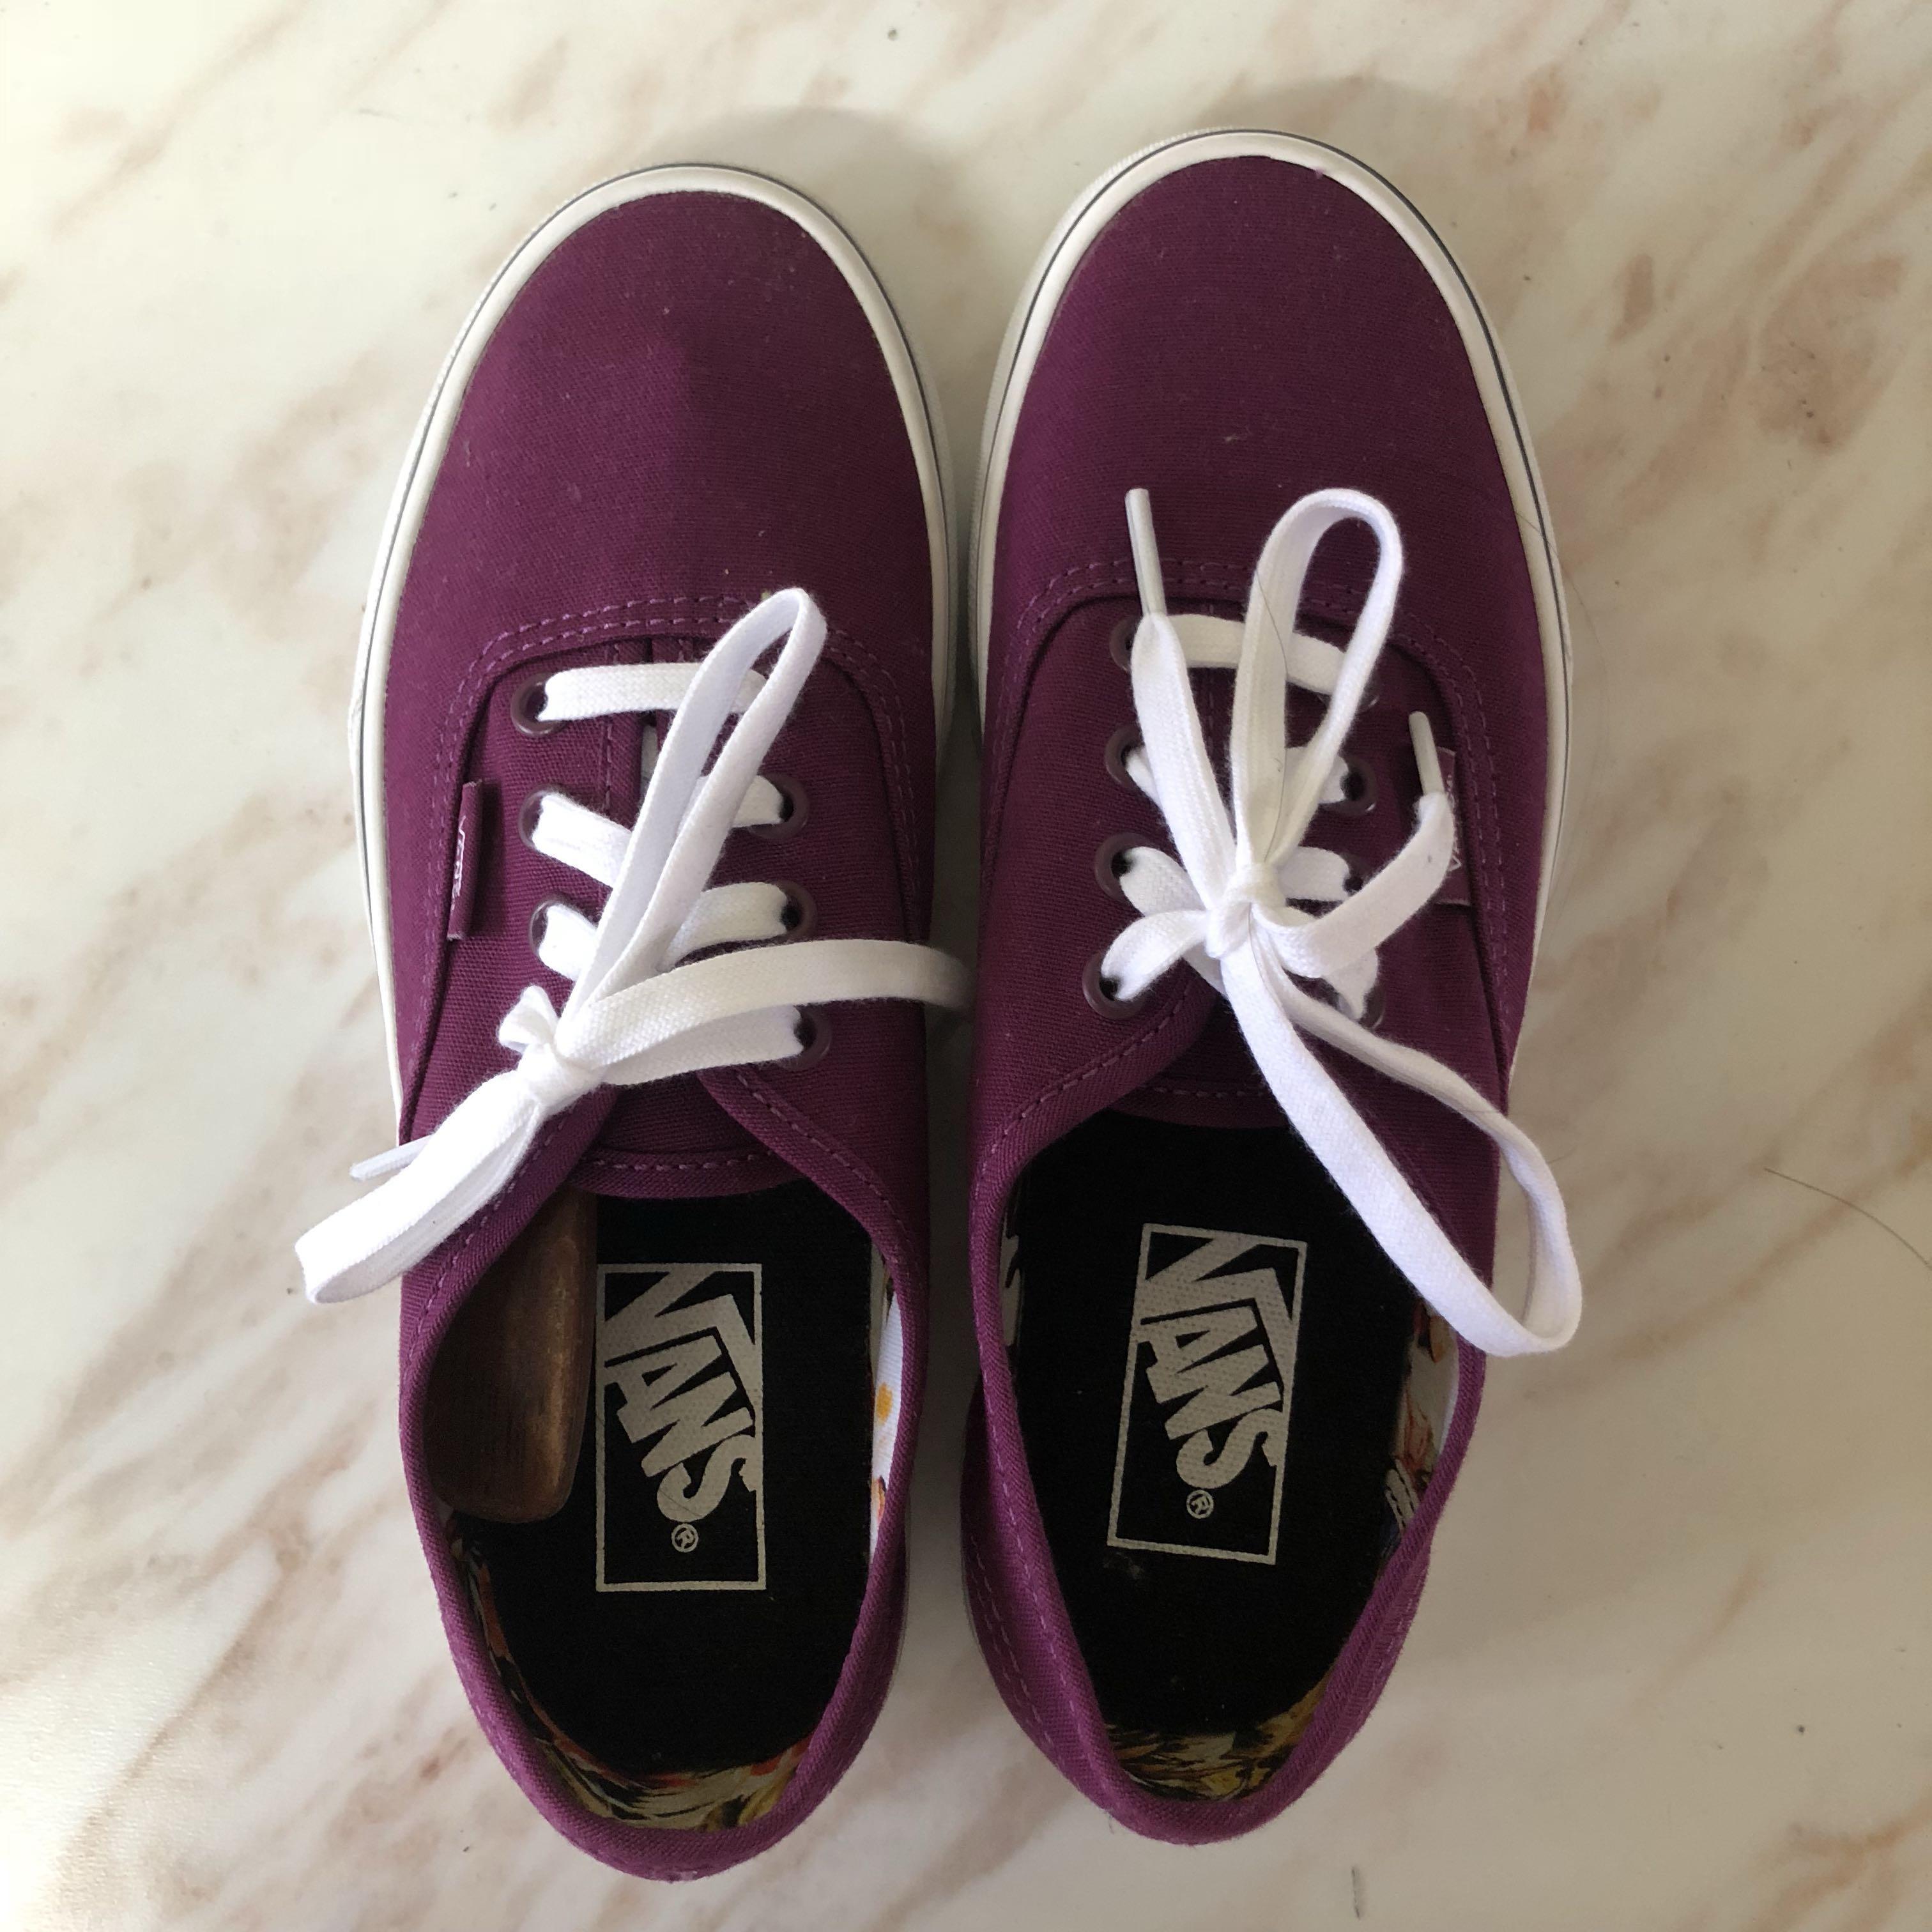 851a58871684 VANS Purple Cuban Floral Canvas Shoes (US 6 EUR 36)